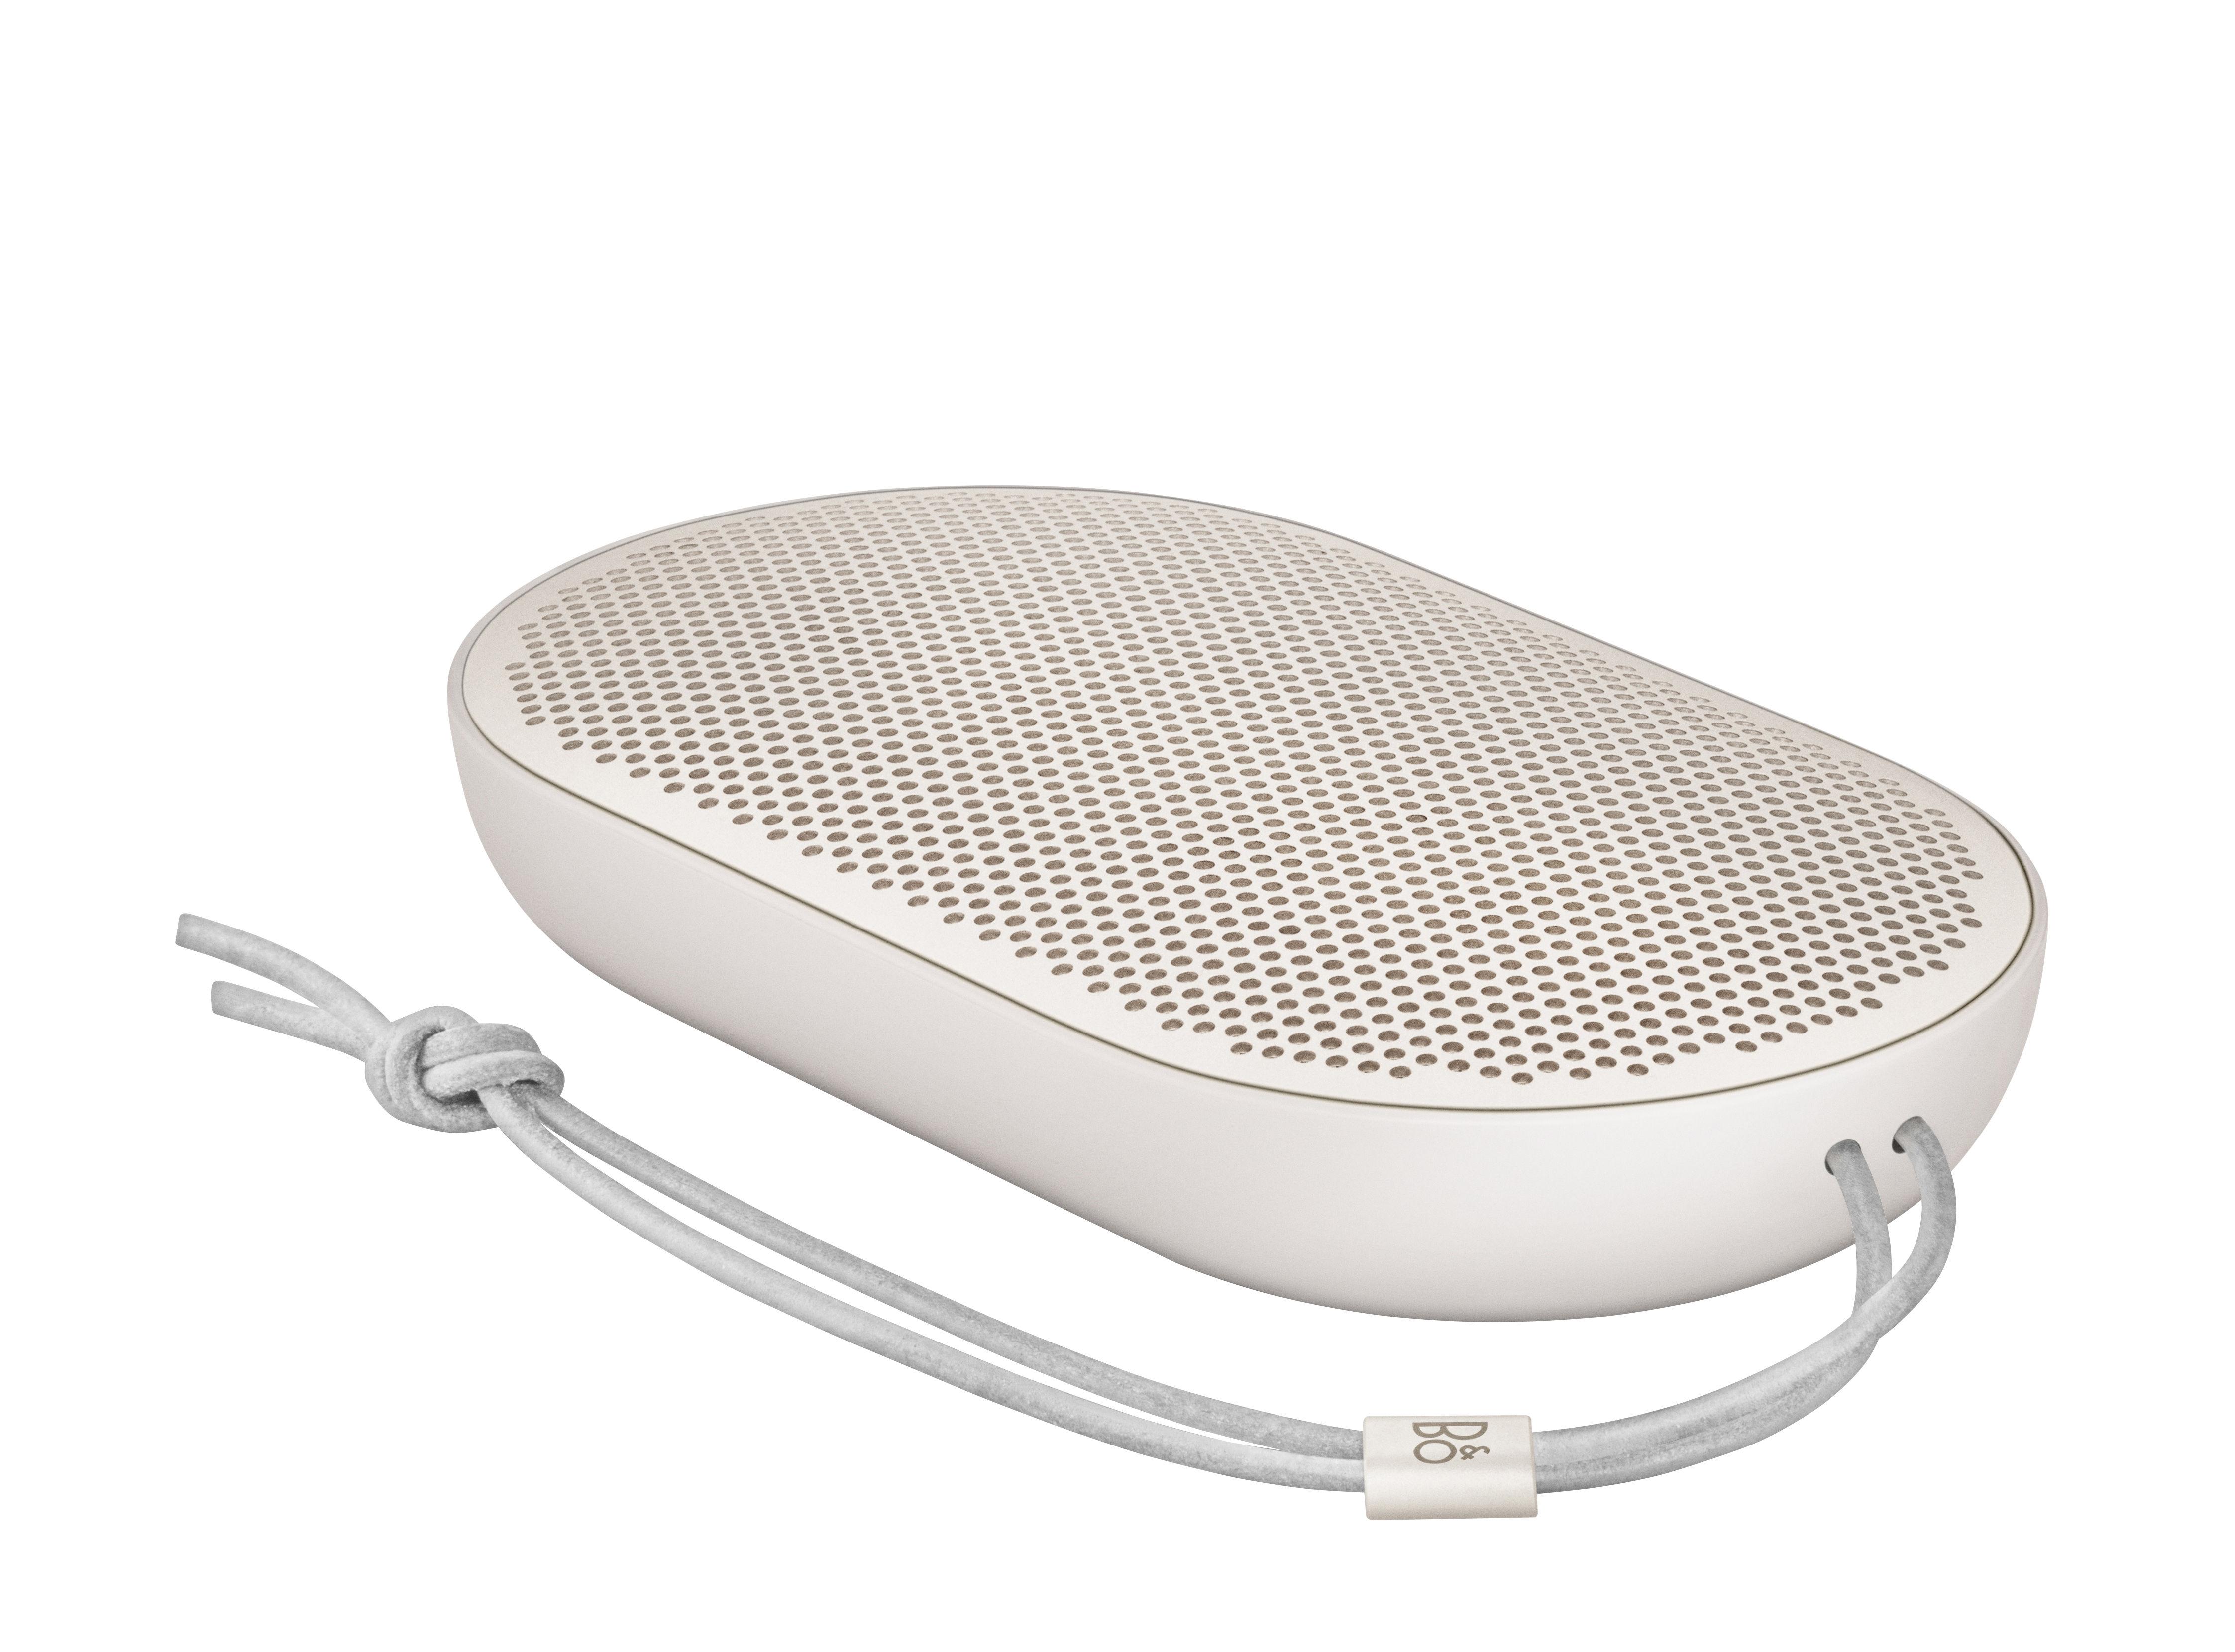 Accessori moda - Altoparlante & suono - Diffusore bluetooth P2 - senza fili / Ultra-nomade - 14 x 8 cm di B&O PLAY by Bang & Olufsen - Sabbia - Alluminio anodizzato, Pelle, Polimero